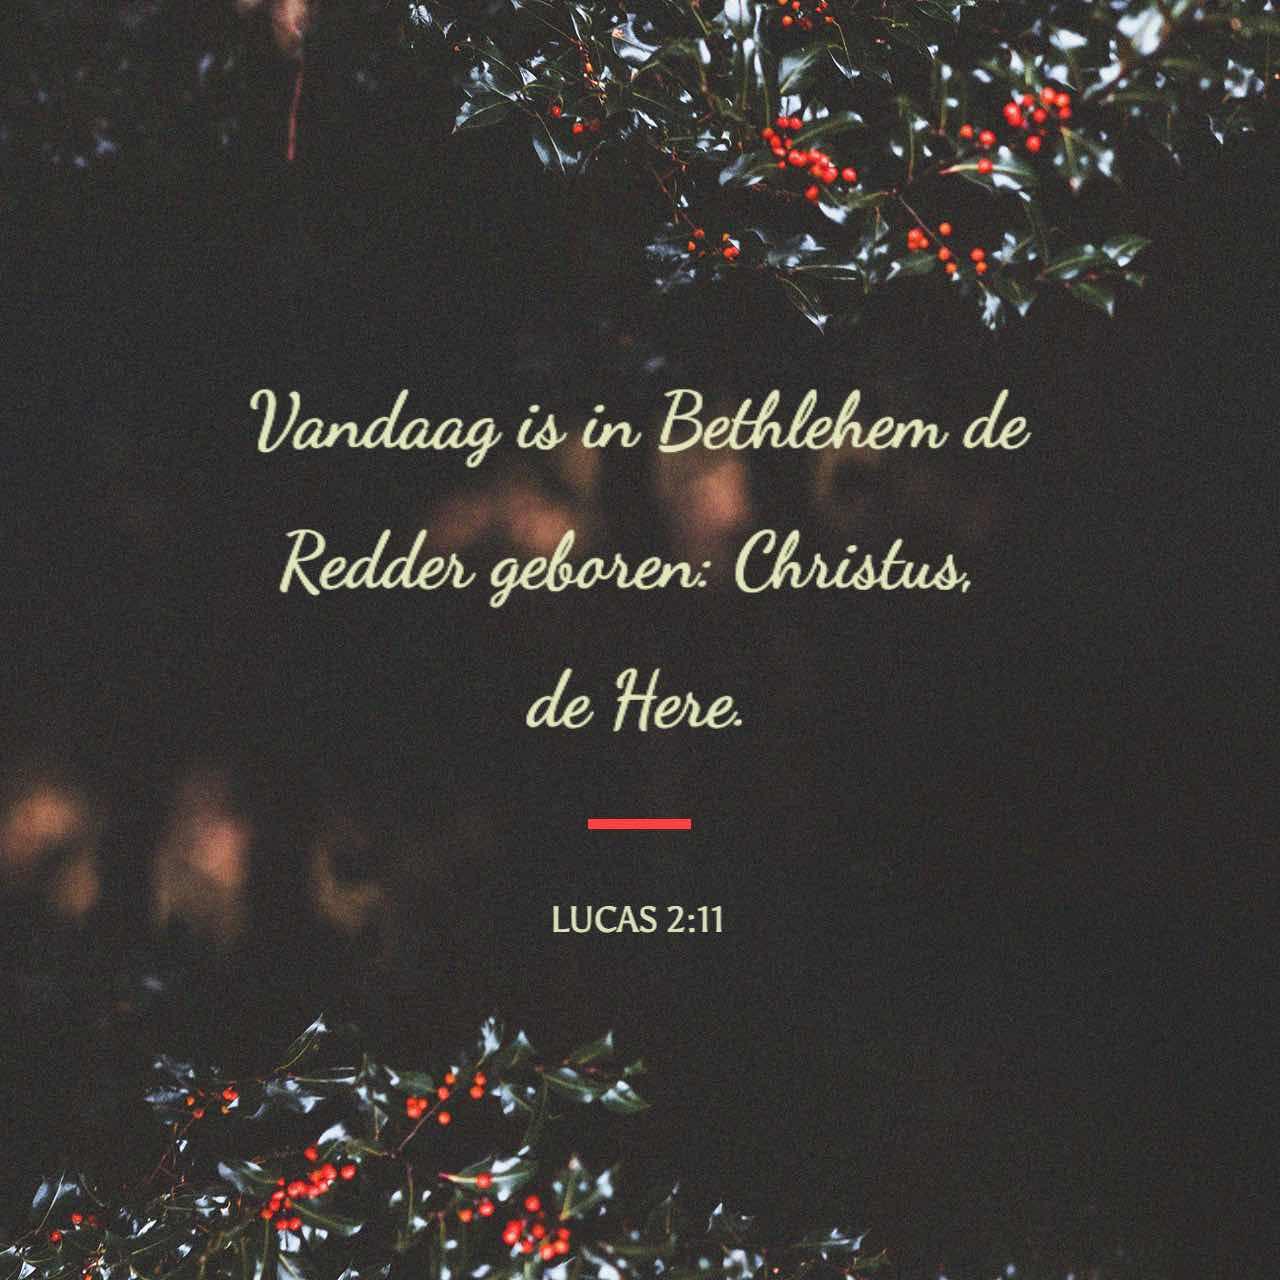 Vandaag is in Bethlehem de Redder geboren: Christus, de Here. - Lucas 2:11 - Versafbeelding